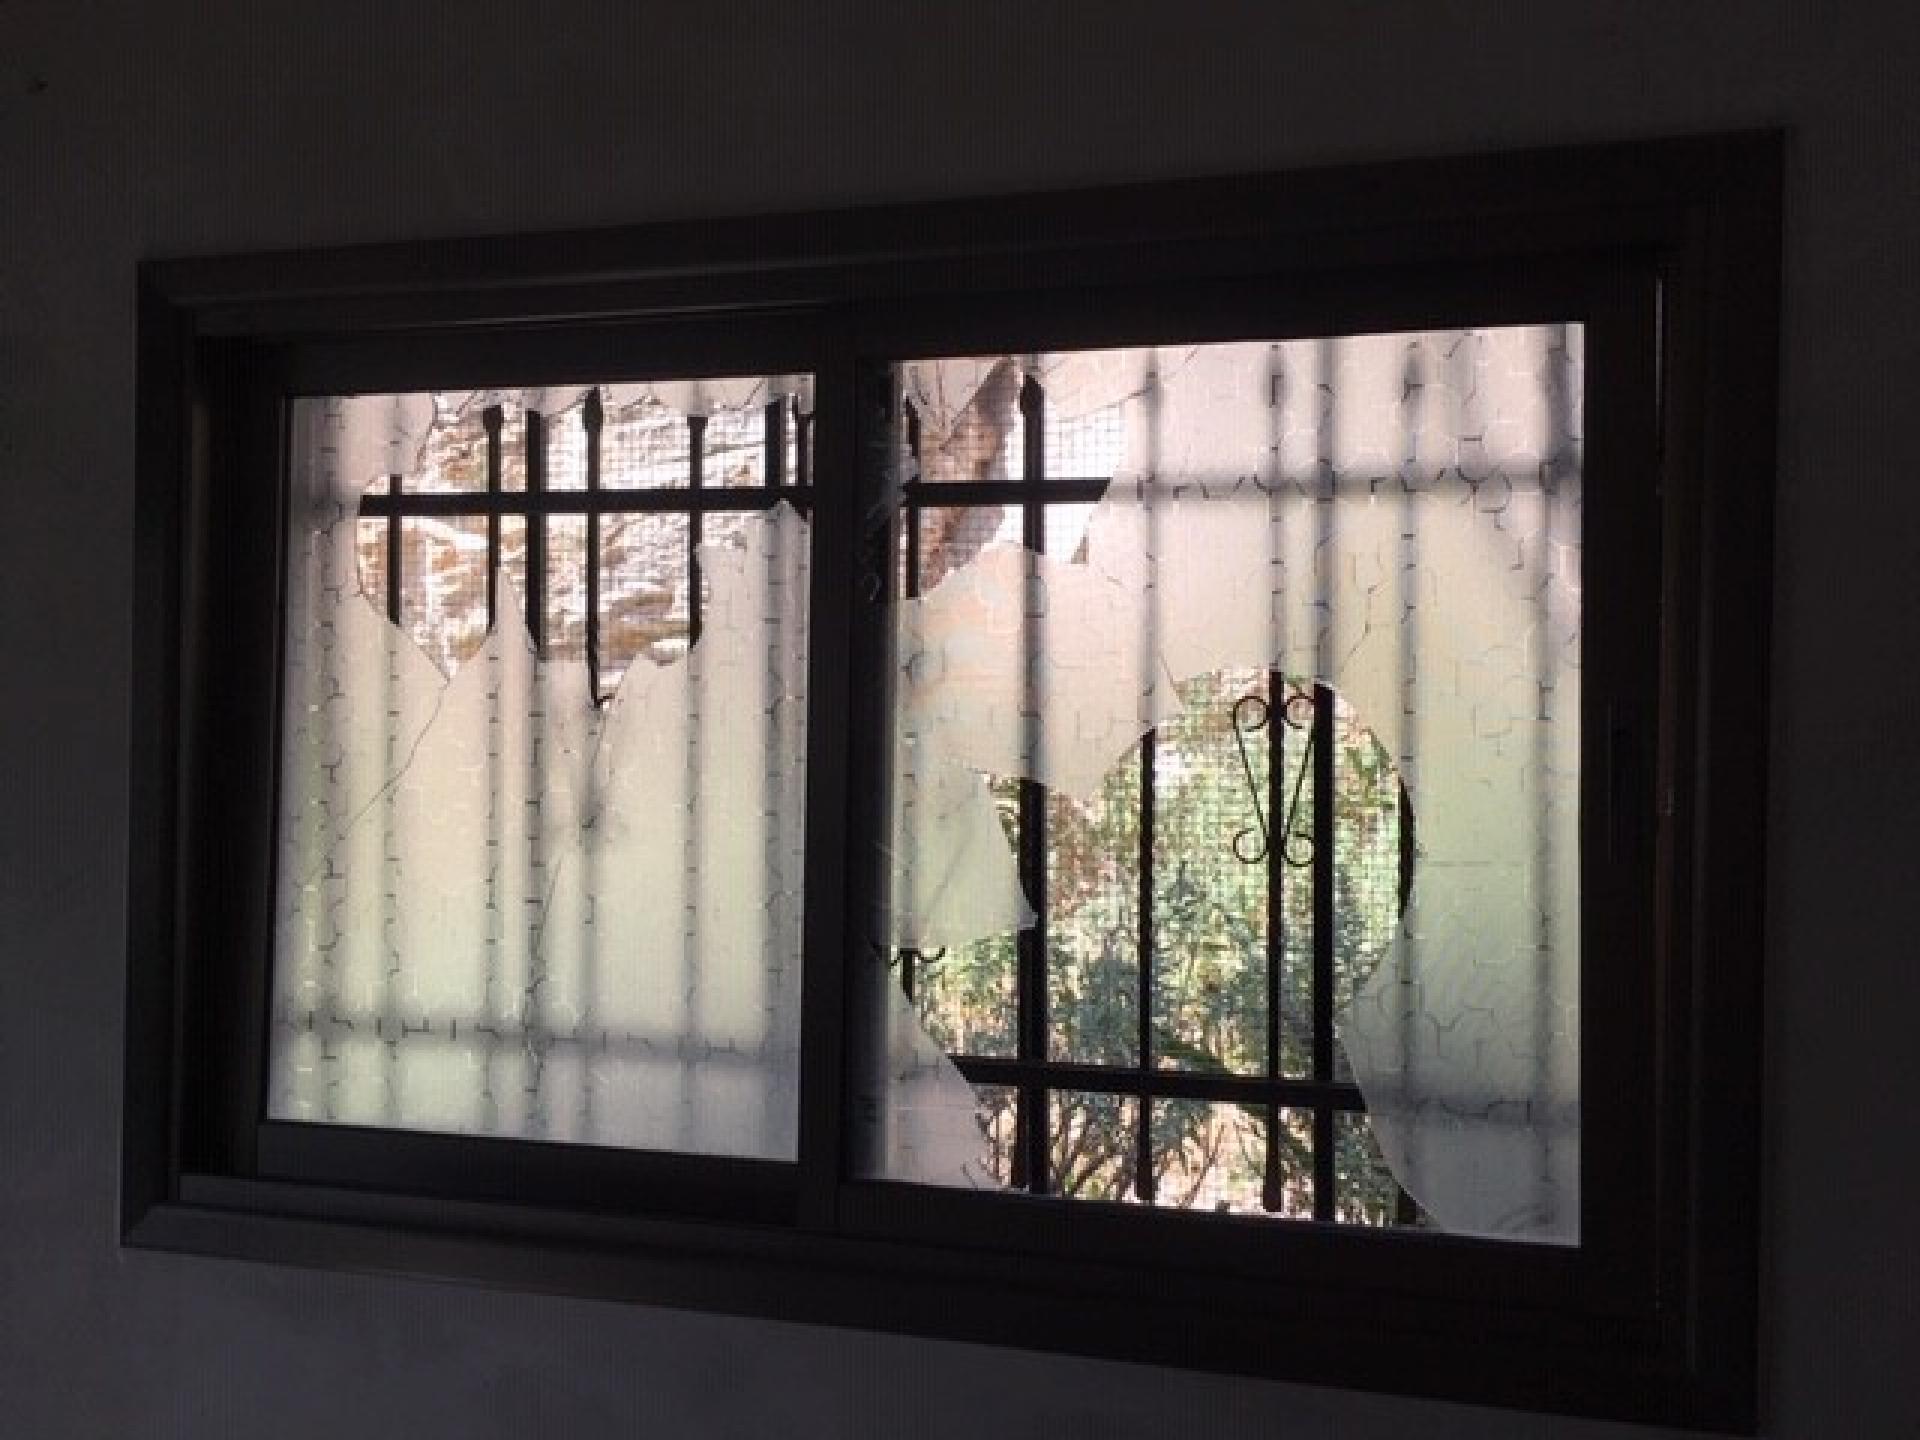 מבפנים חלון מנופץ